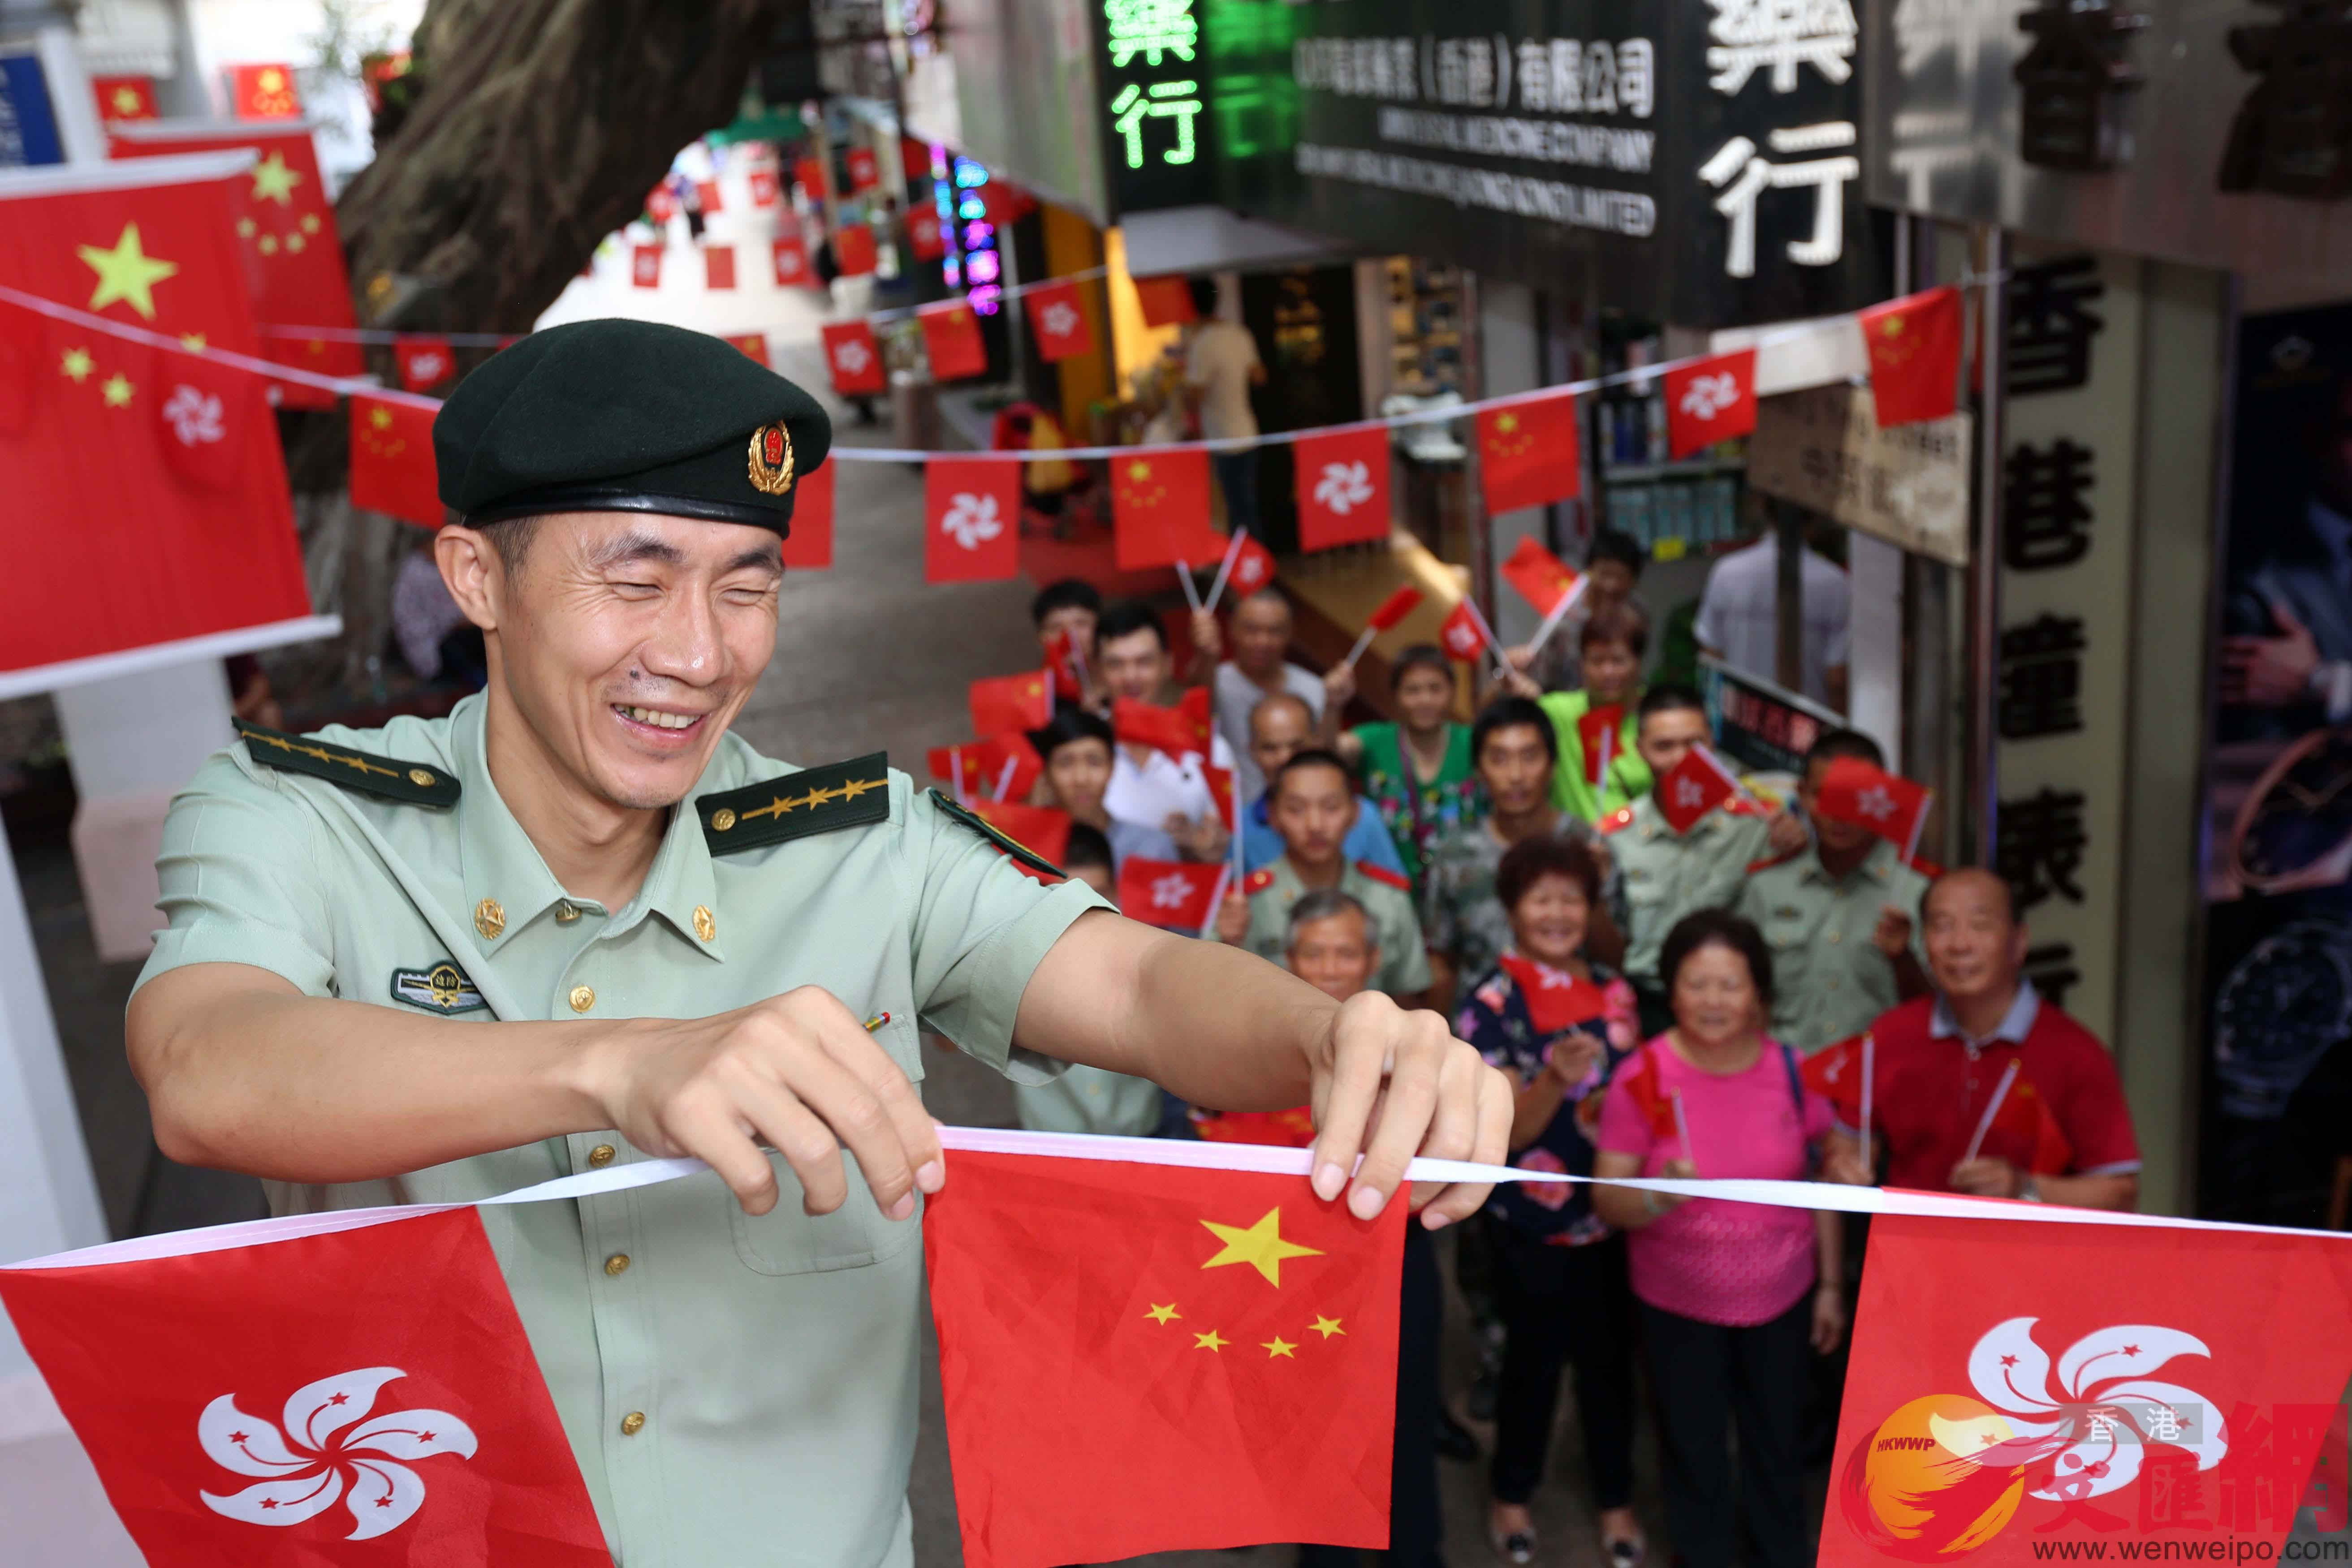 中英街深港軍民懸掛國旗喜迎香港回歸